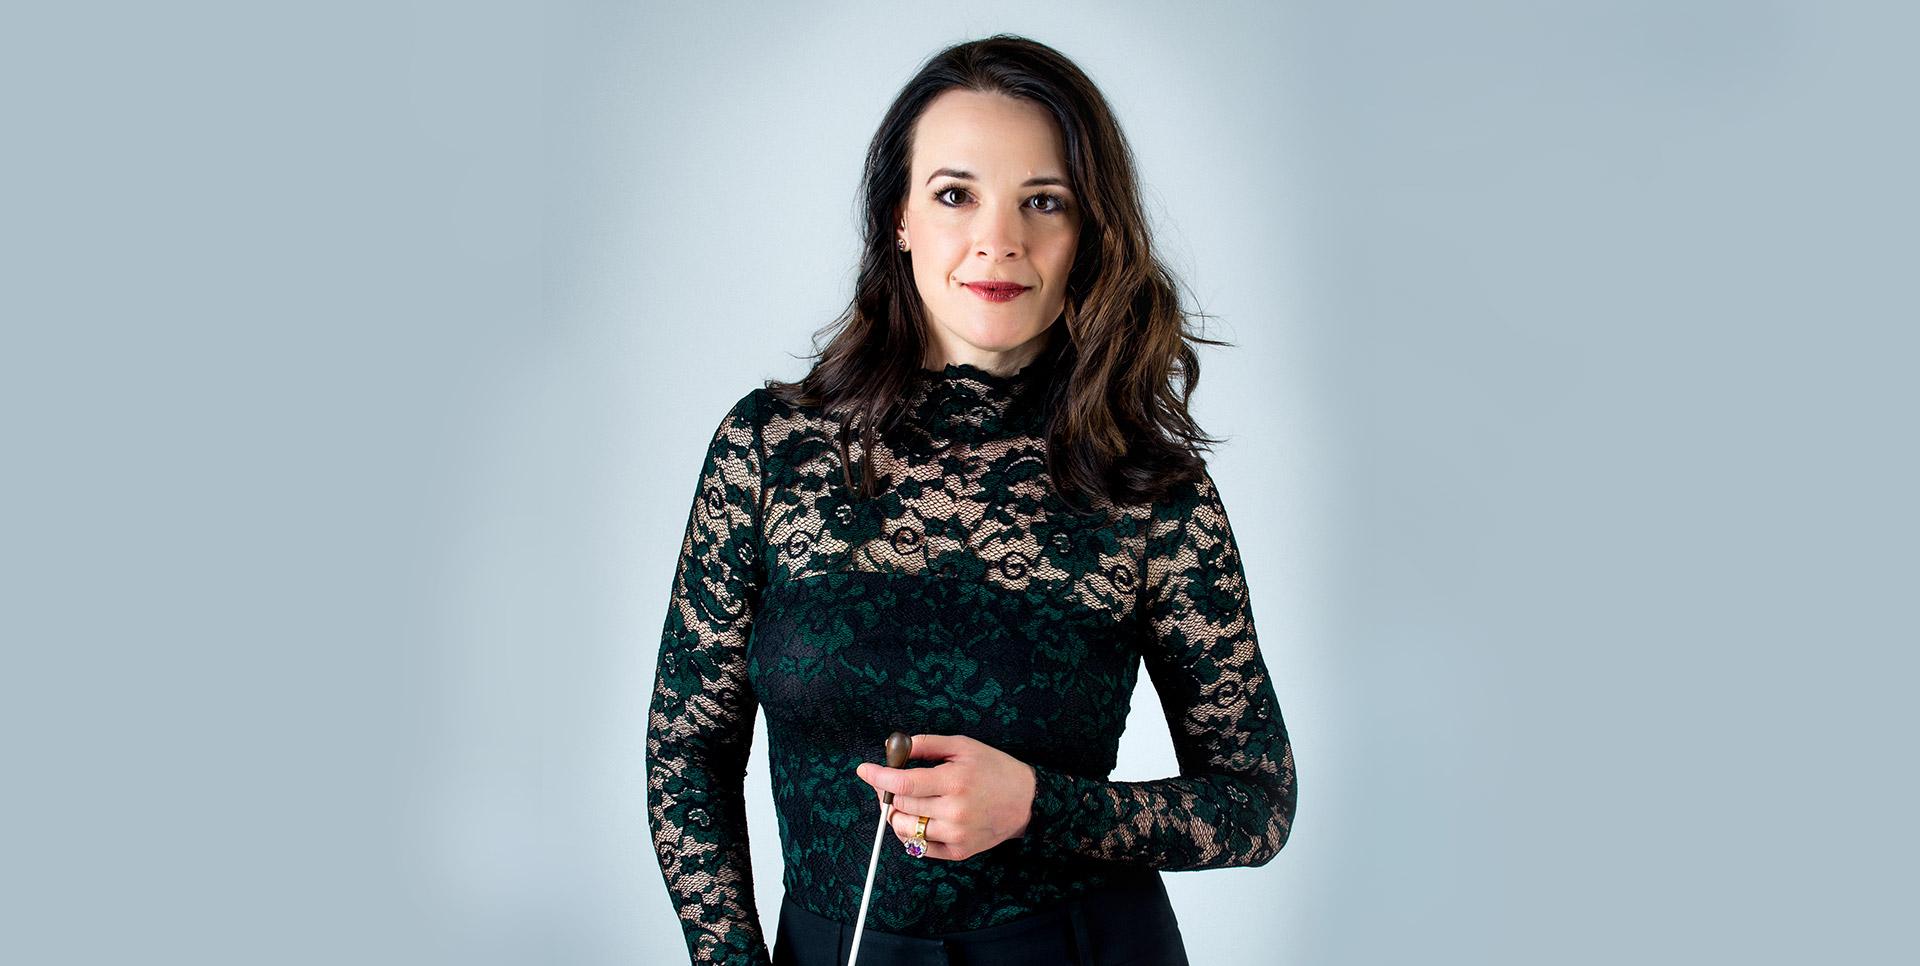 Dirigent - Marie Rosenmir